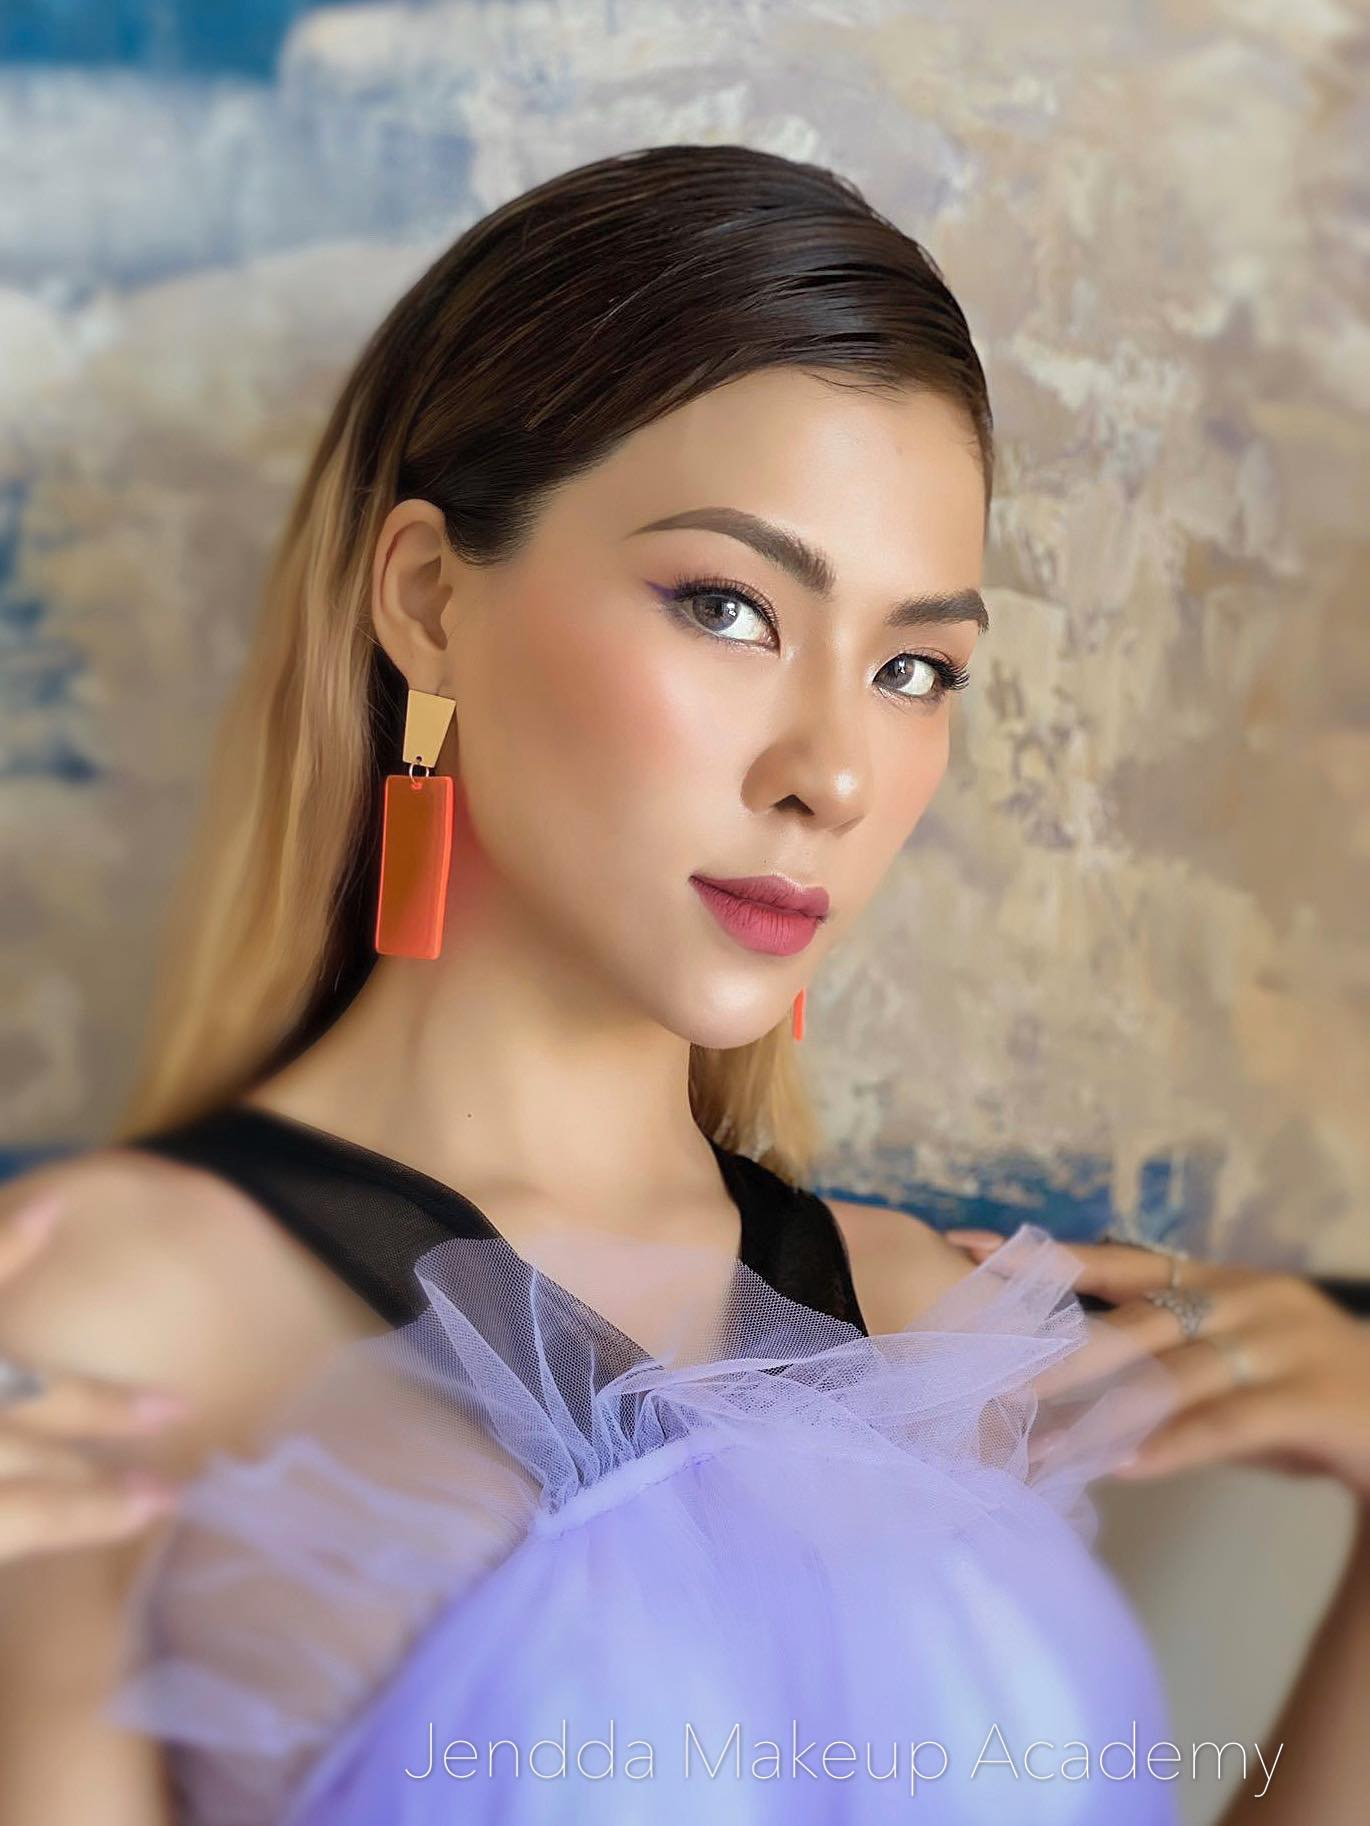 Top 7 tiệm trang điểm cô dâu đẹp nhất tại Phú Quốc -  Makeup Phu Quoc - Jendda Huyen